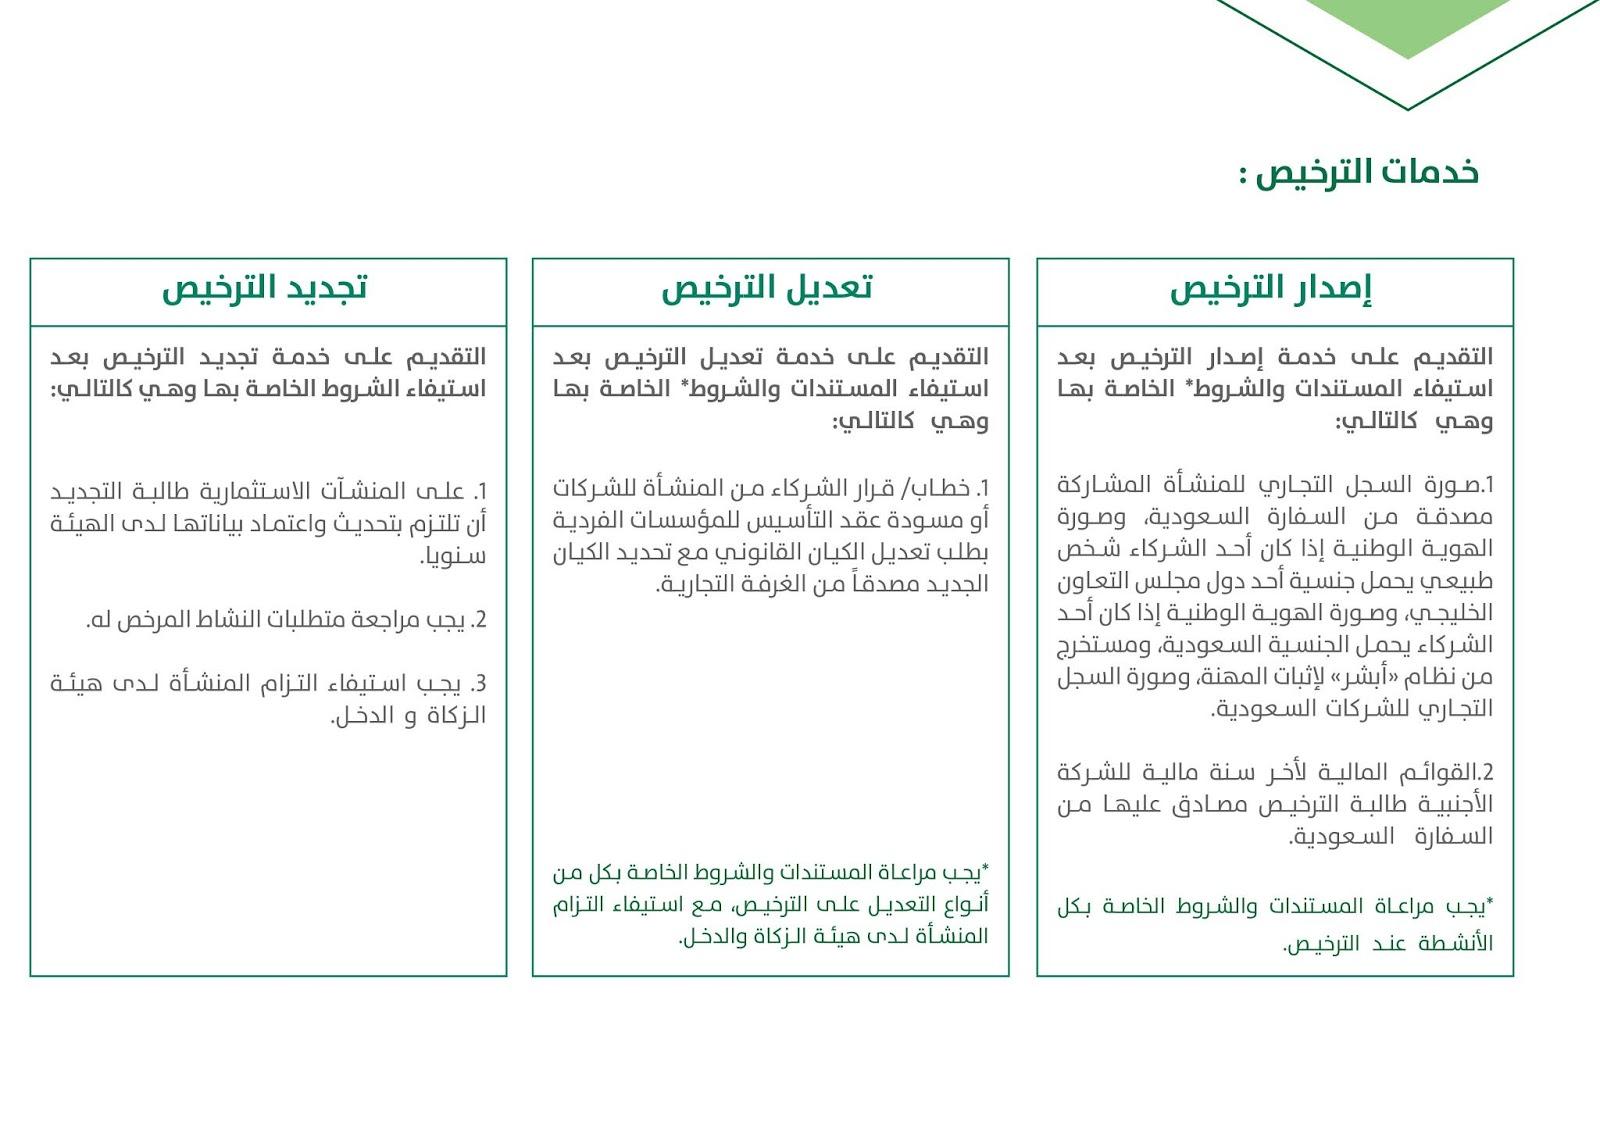 مجال, الاستثمارات, الخدمية, لسعودية